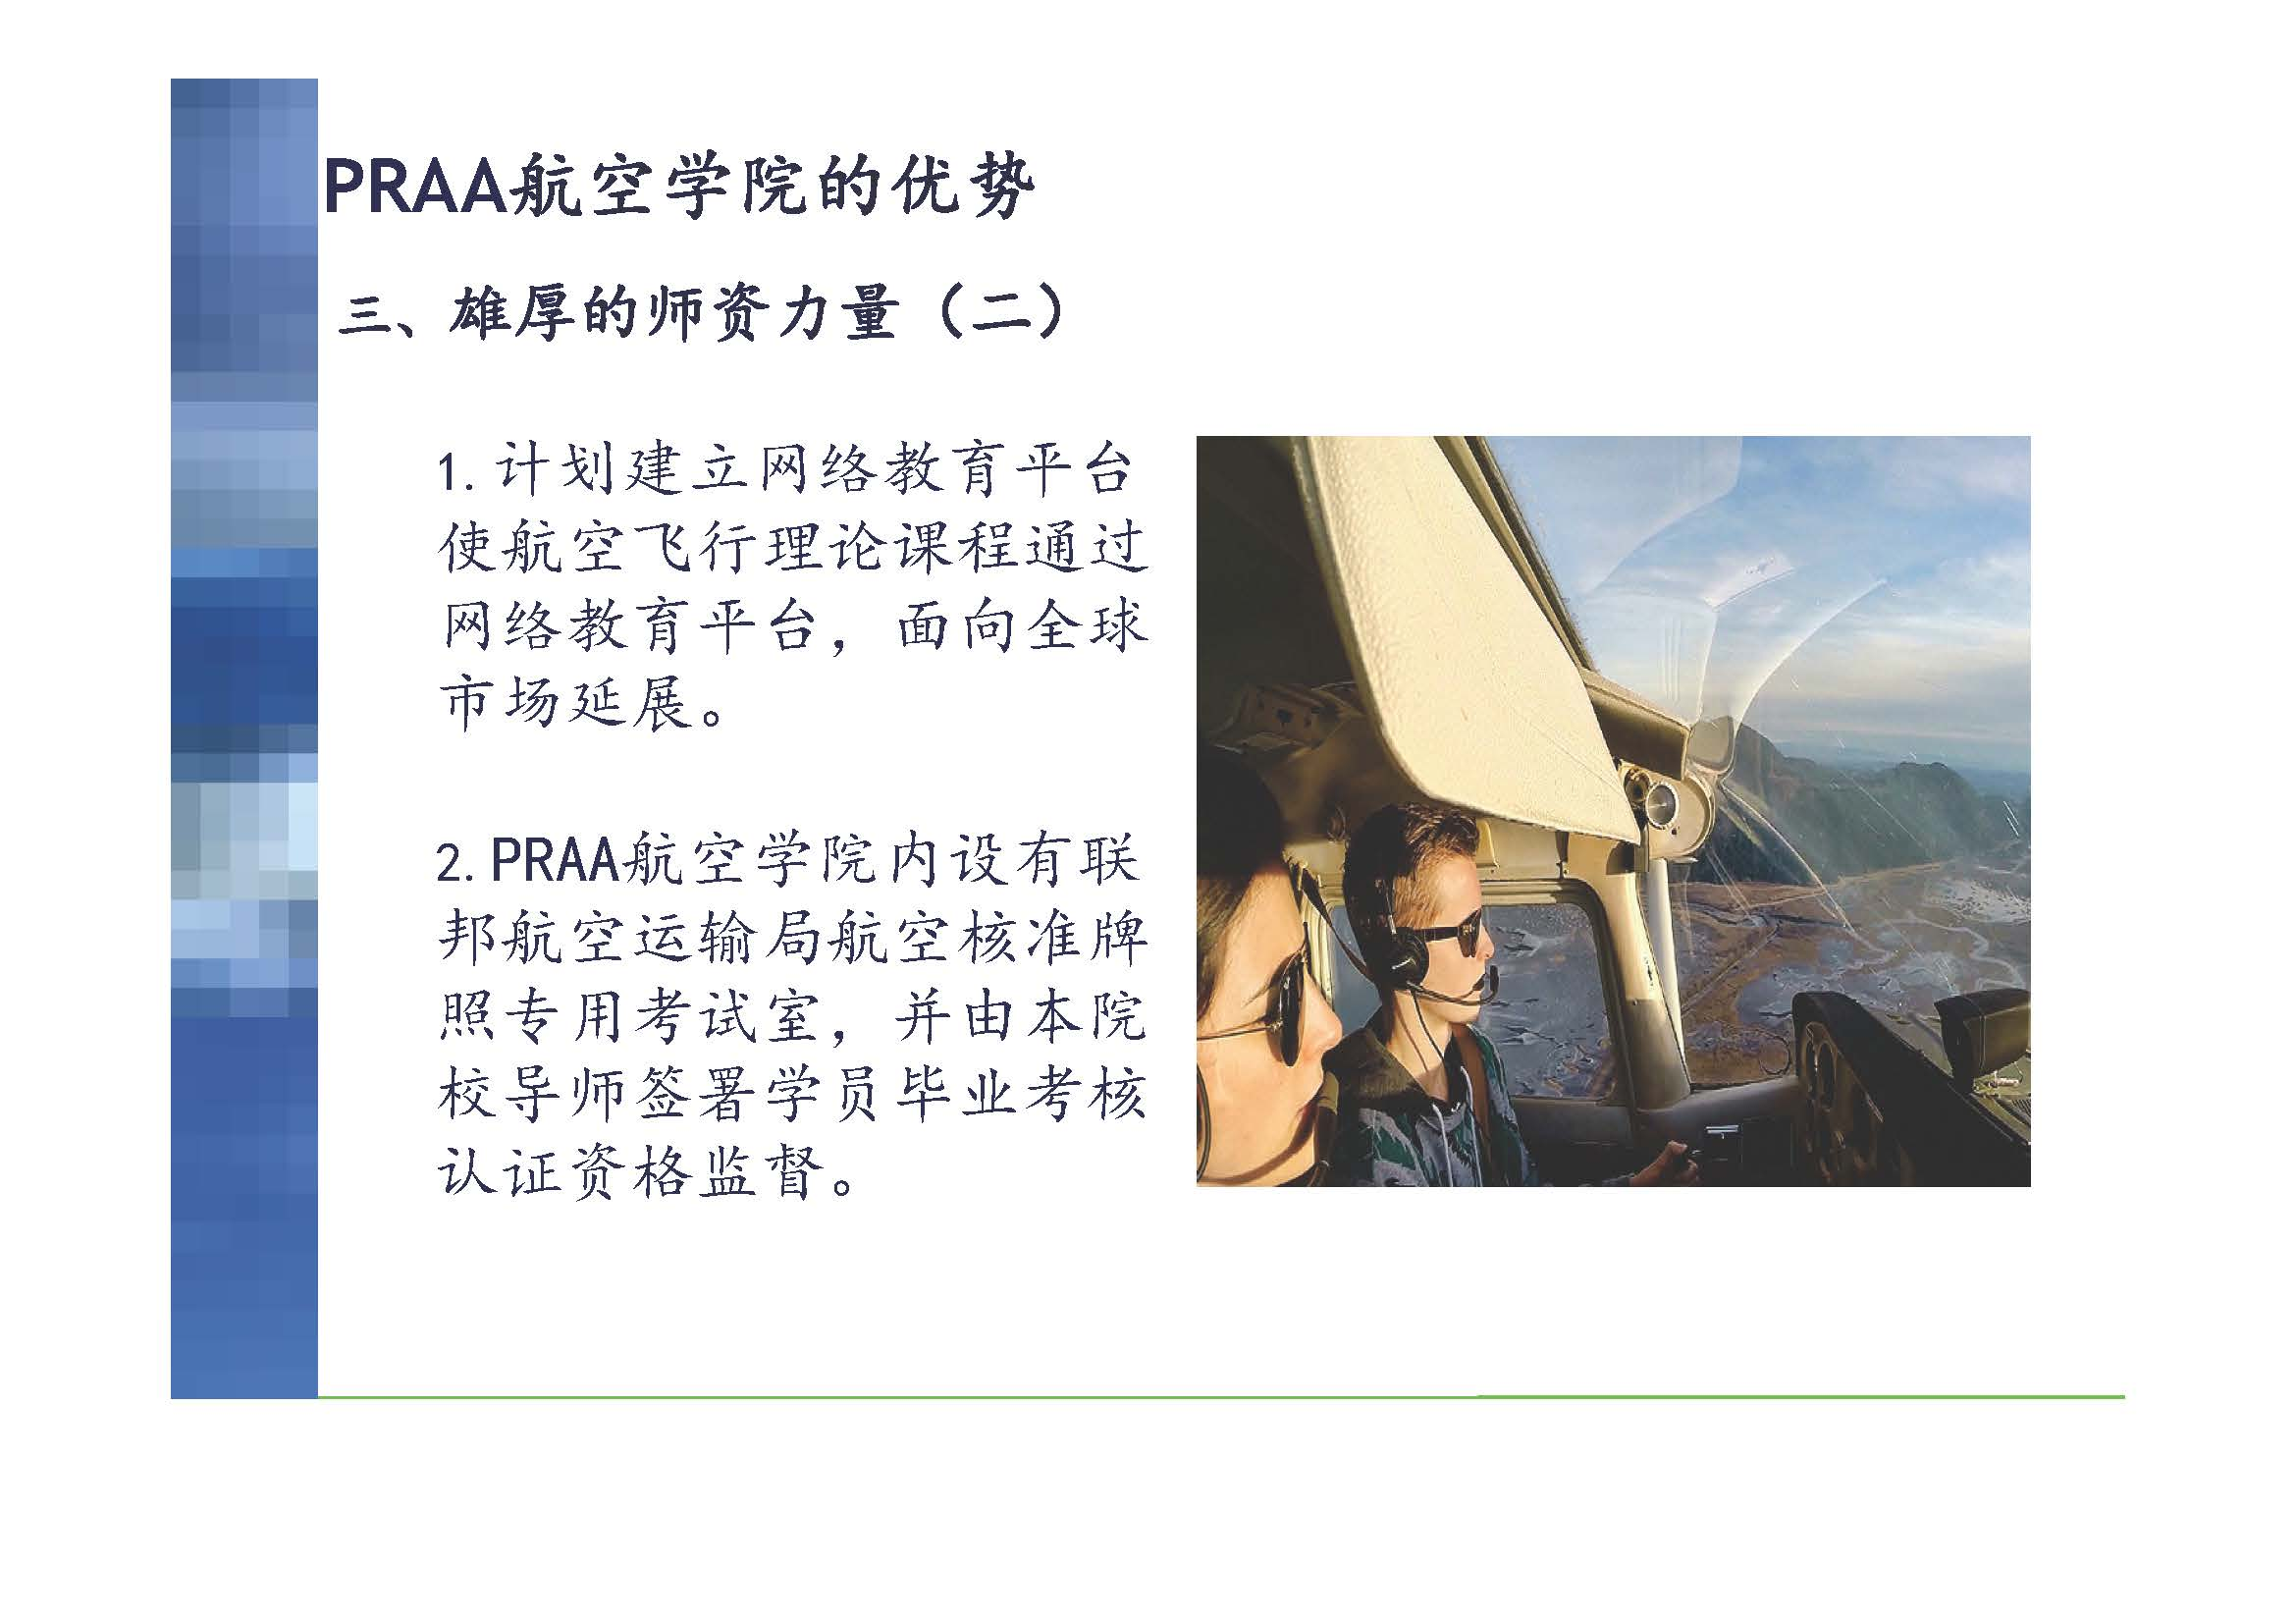 pnpjpg page 11